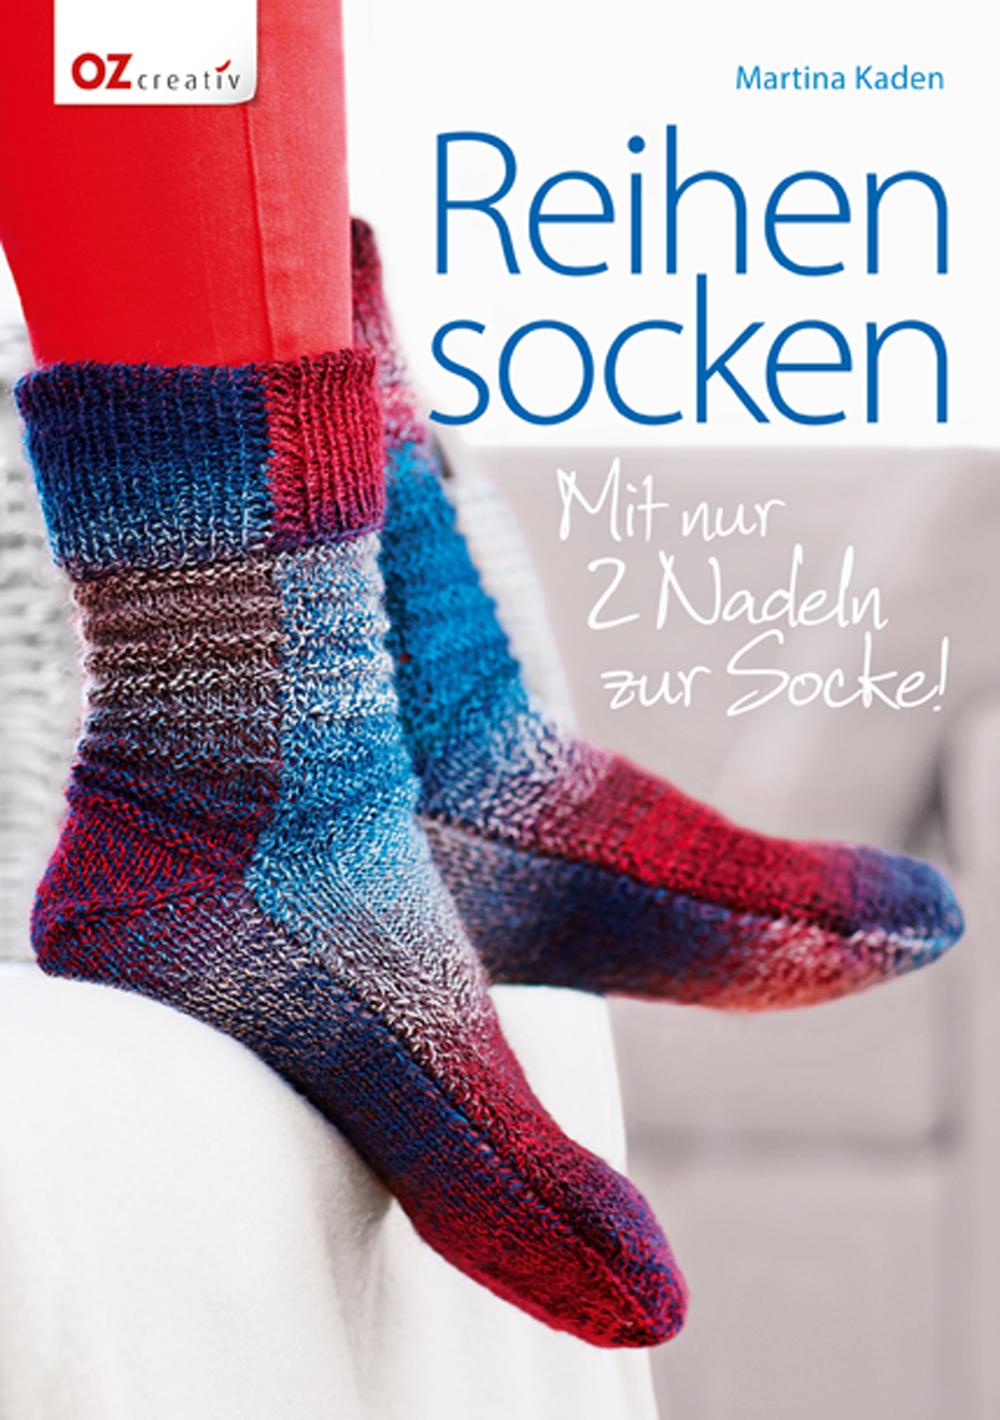 Reihensocken: Mit nur 2 Nadeln zur Socke! - Martina Kaden